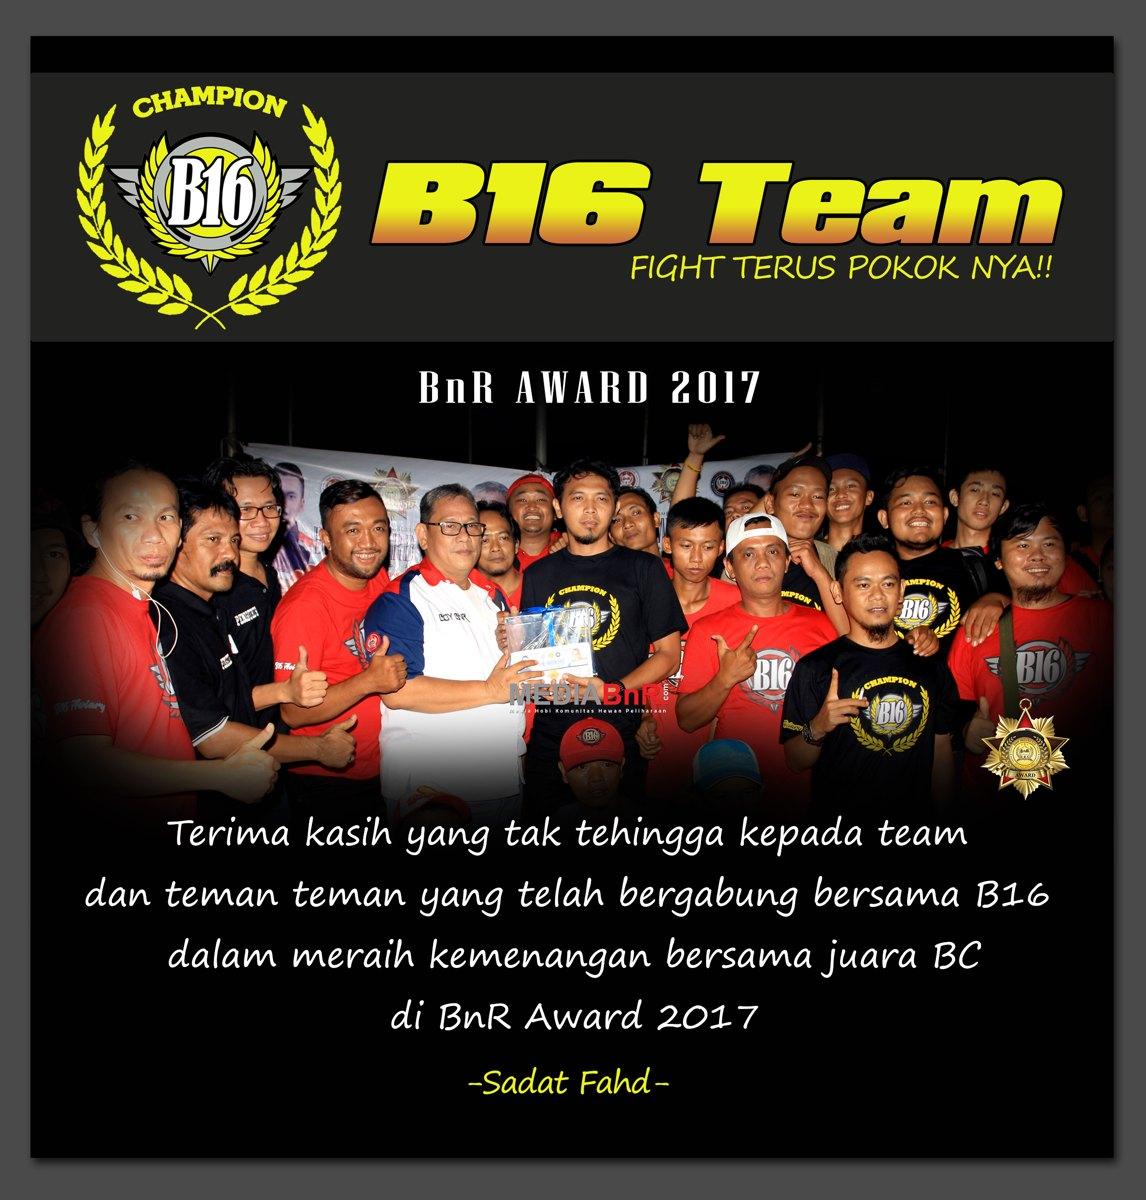 b16 juara BC di BnR Award 2017 fix